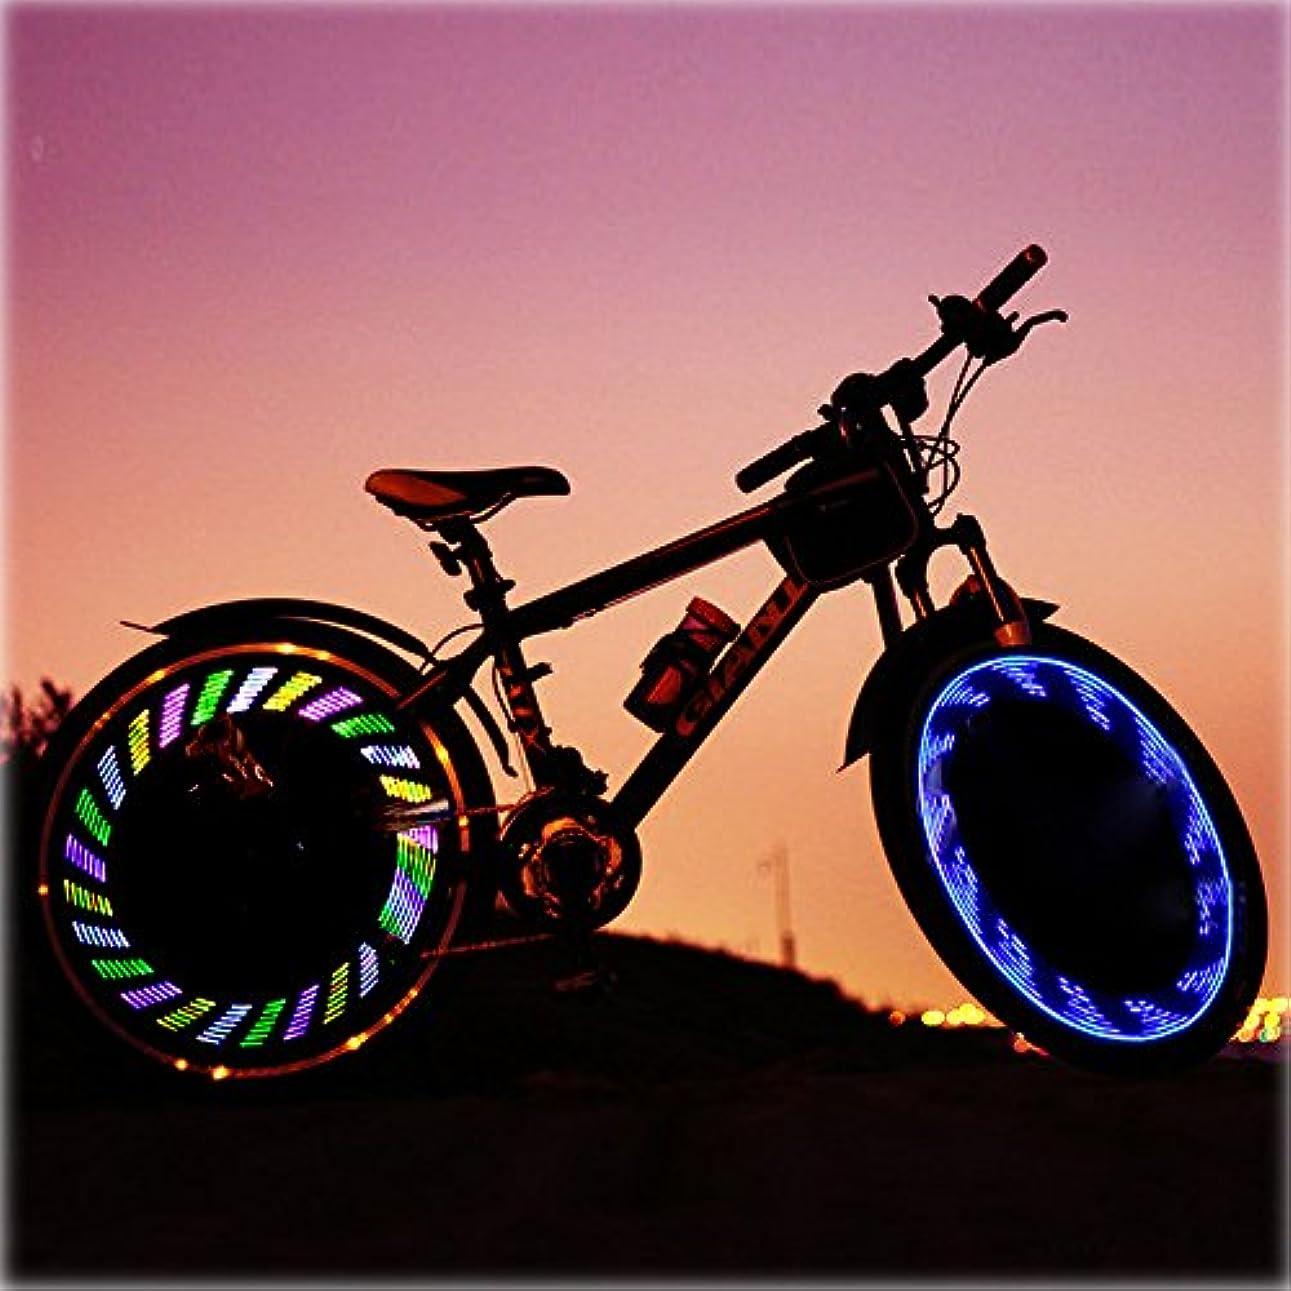 主流フロンティア証明書Ligangam LED自転車ホイールライト スポークライト サイクル用デコレーションランプ 夜道安全&事故防止 風車型 取付簡単 12種類の模様変化 3秒間 防水IPX5 オシャレ ユニーク 人気